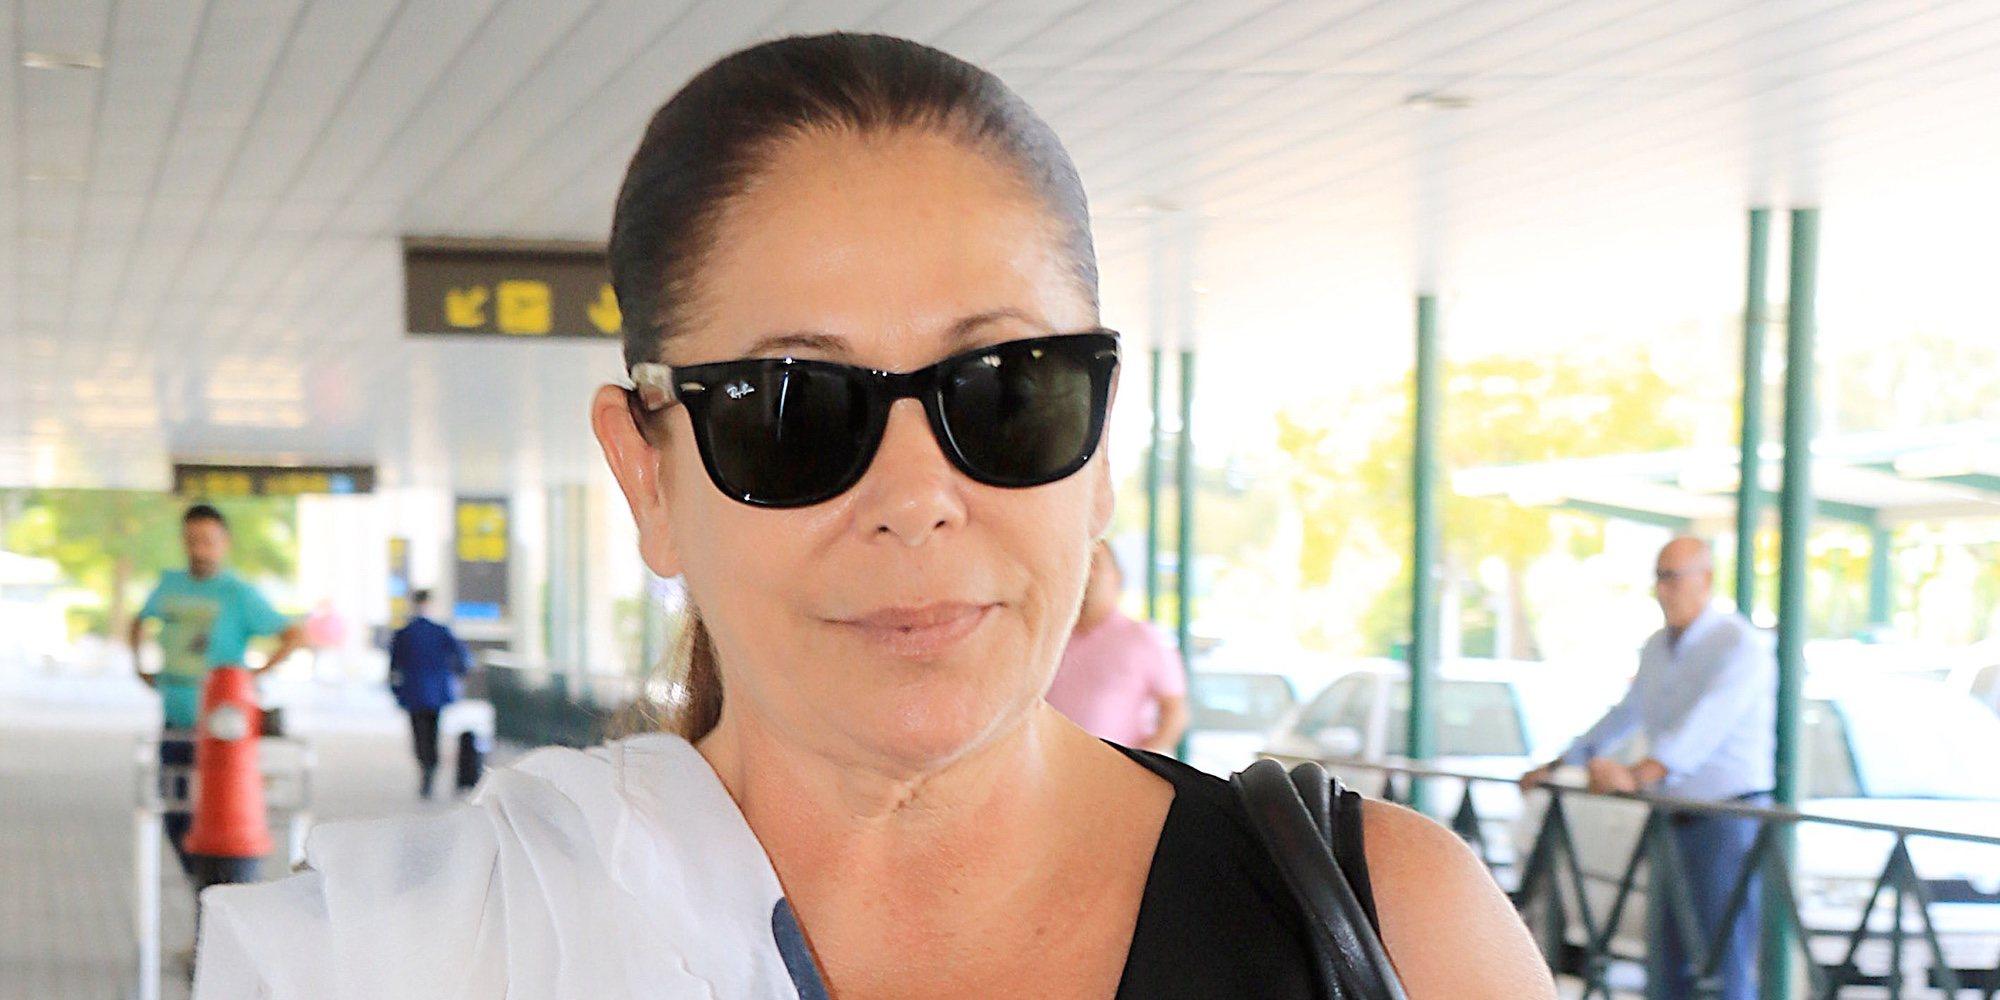 Isabel Pantoja vuelve a las grabaciones de 'Idol Kids' tras estabilizarse la salud de Doña